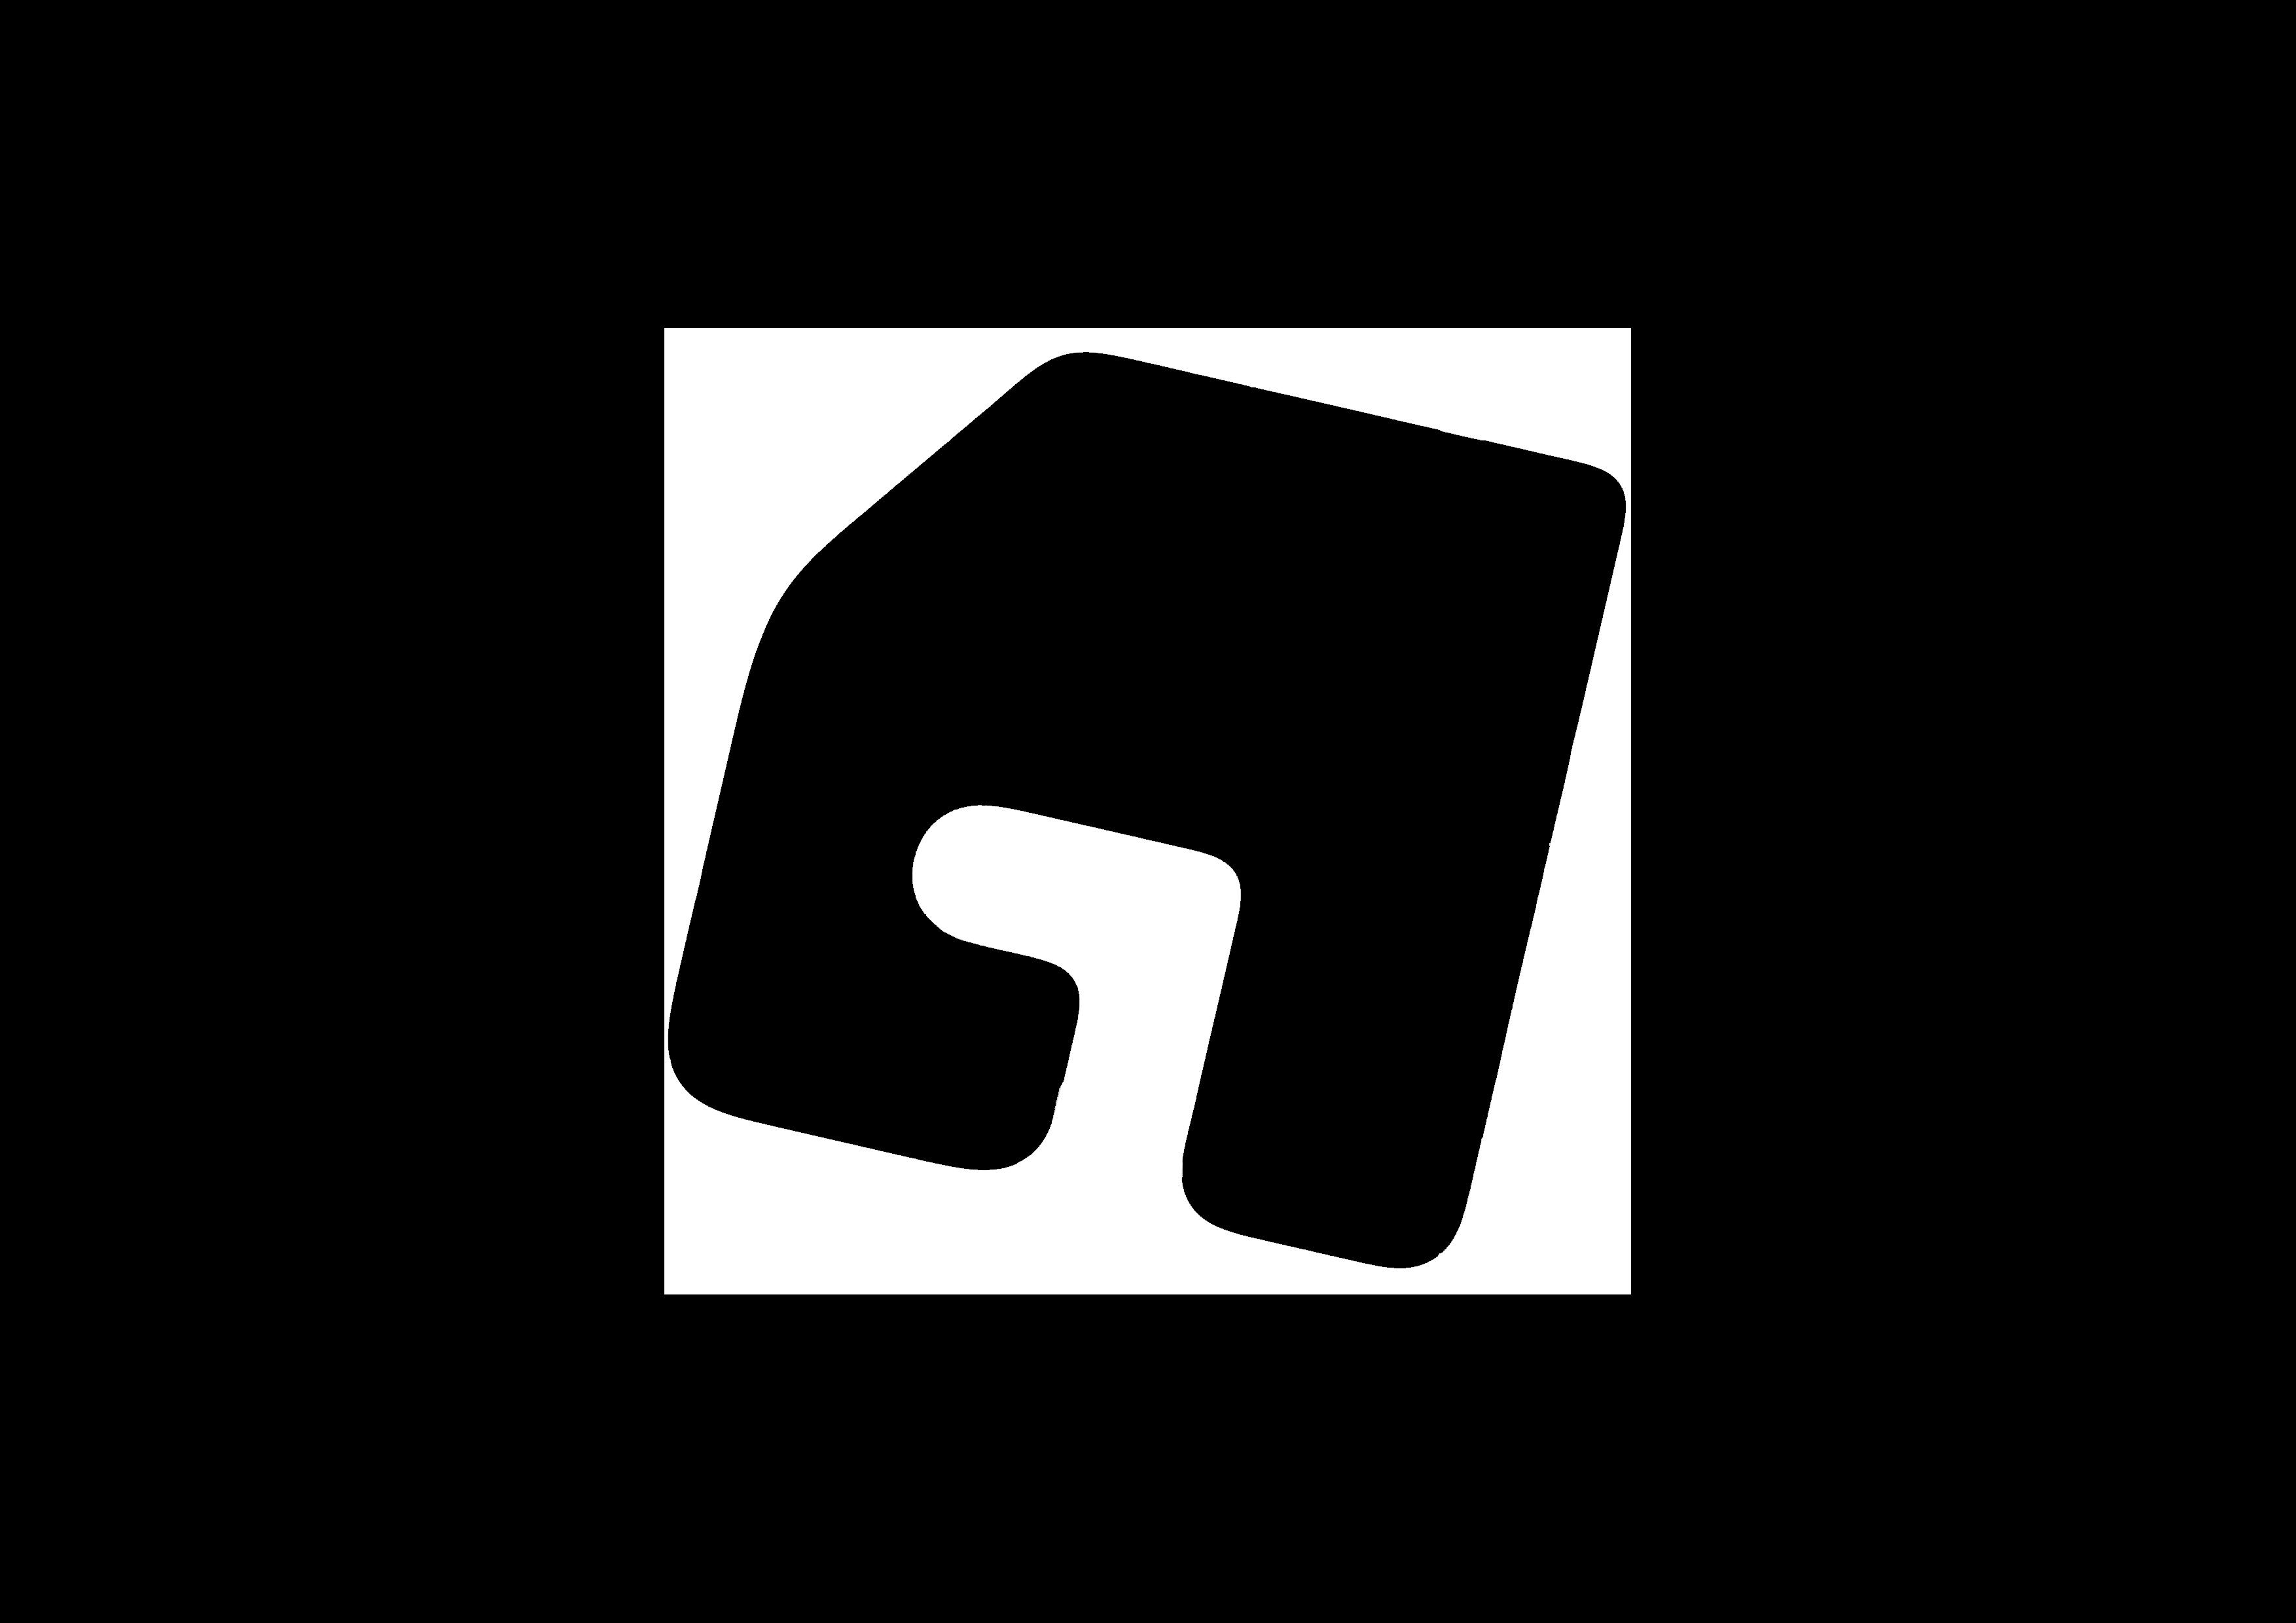 genepiFILM badge